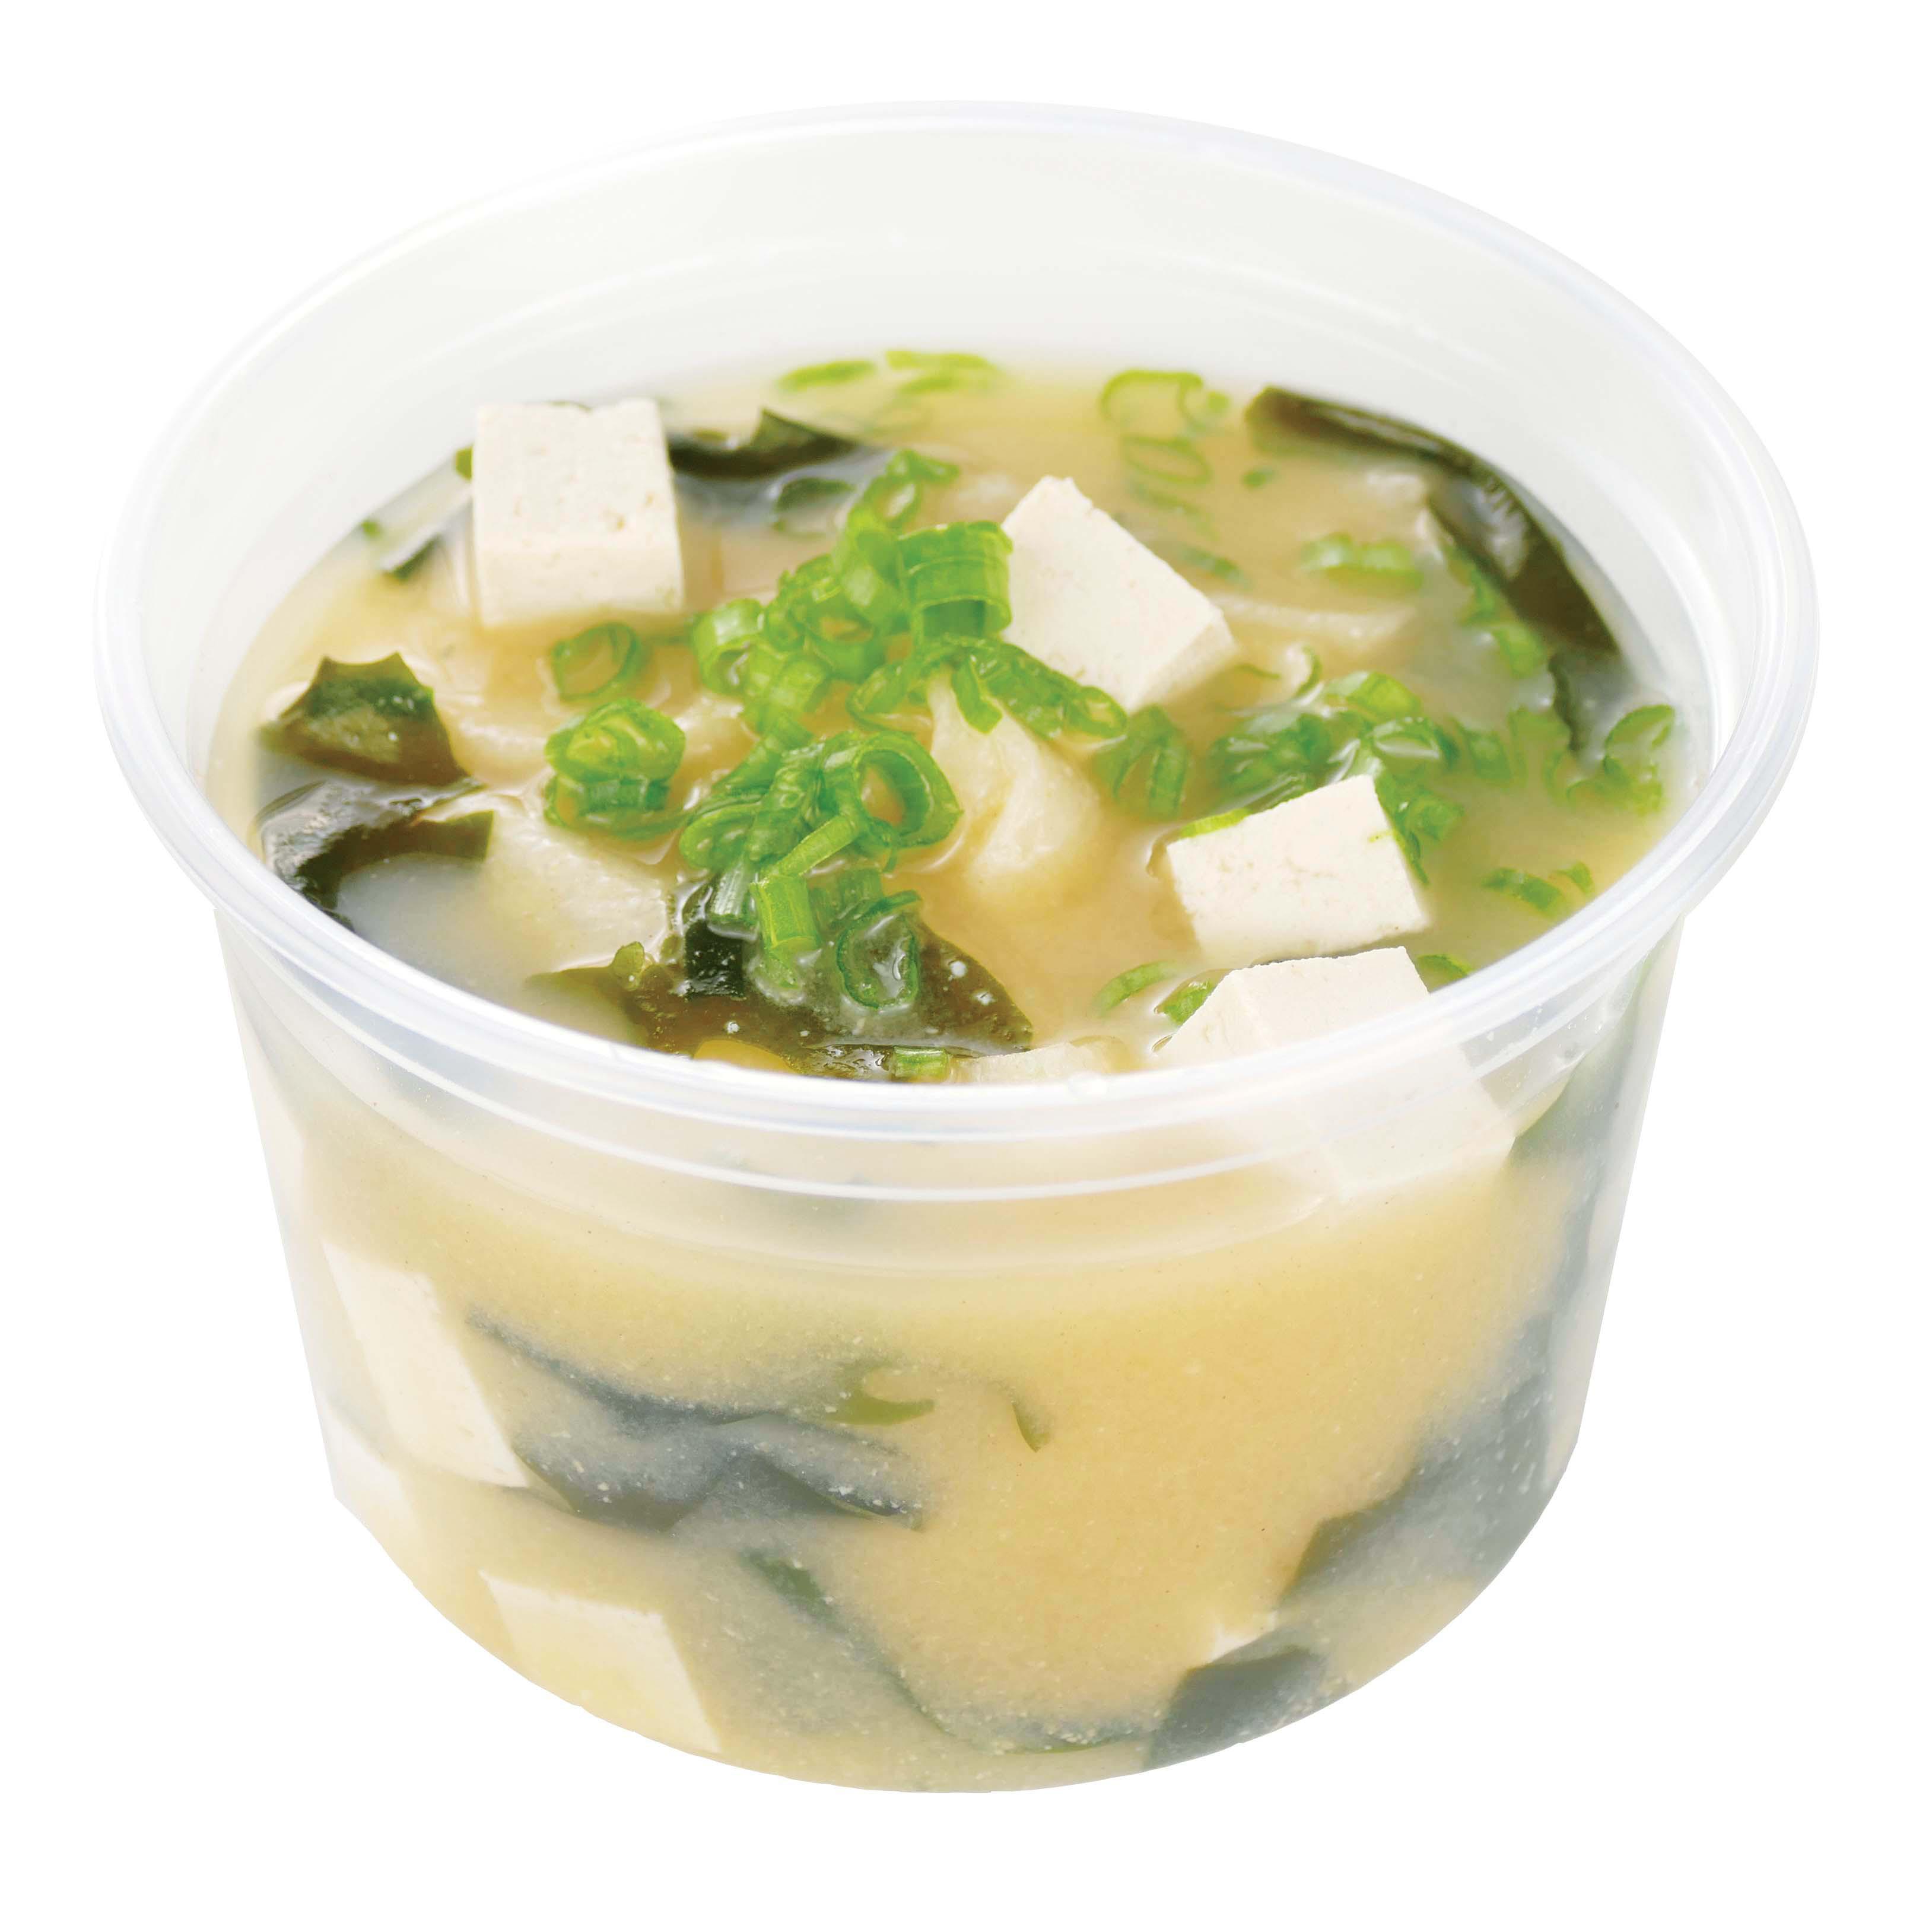 H-E-B Sushiya Miso Soup